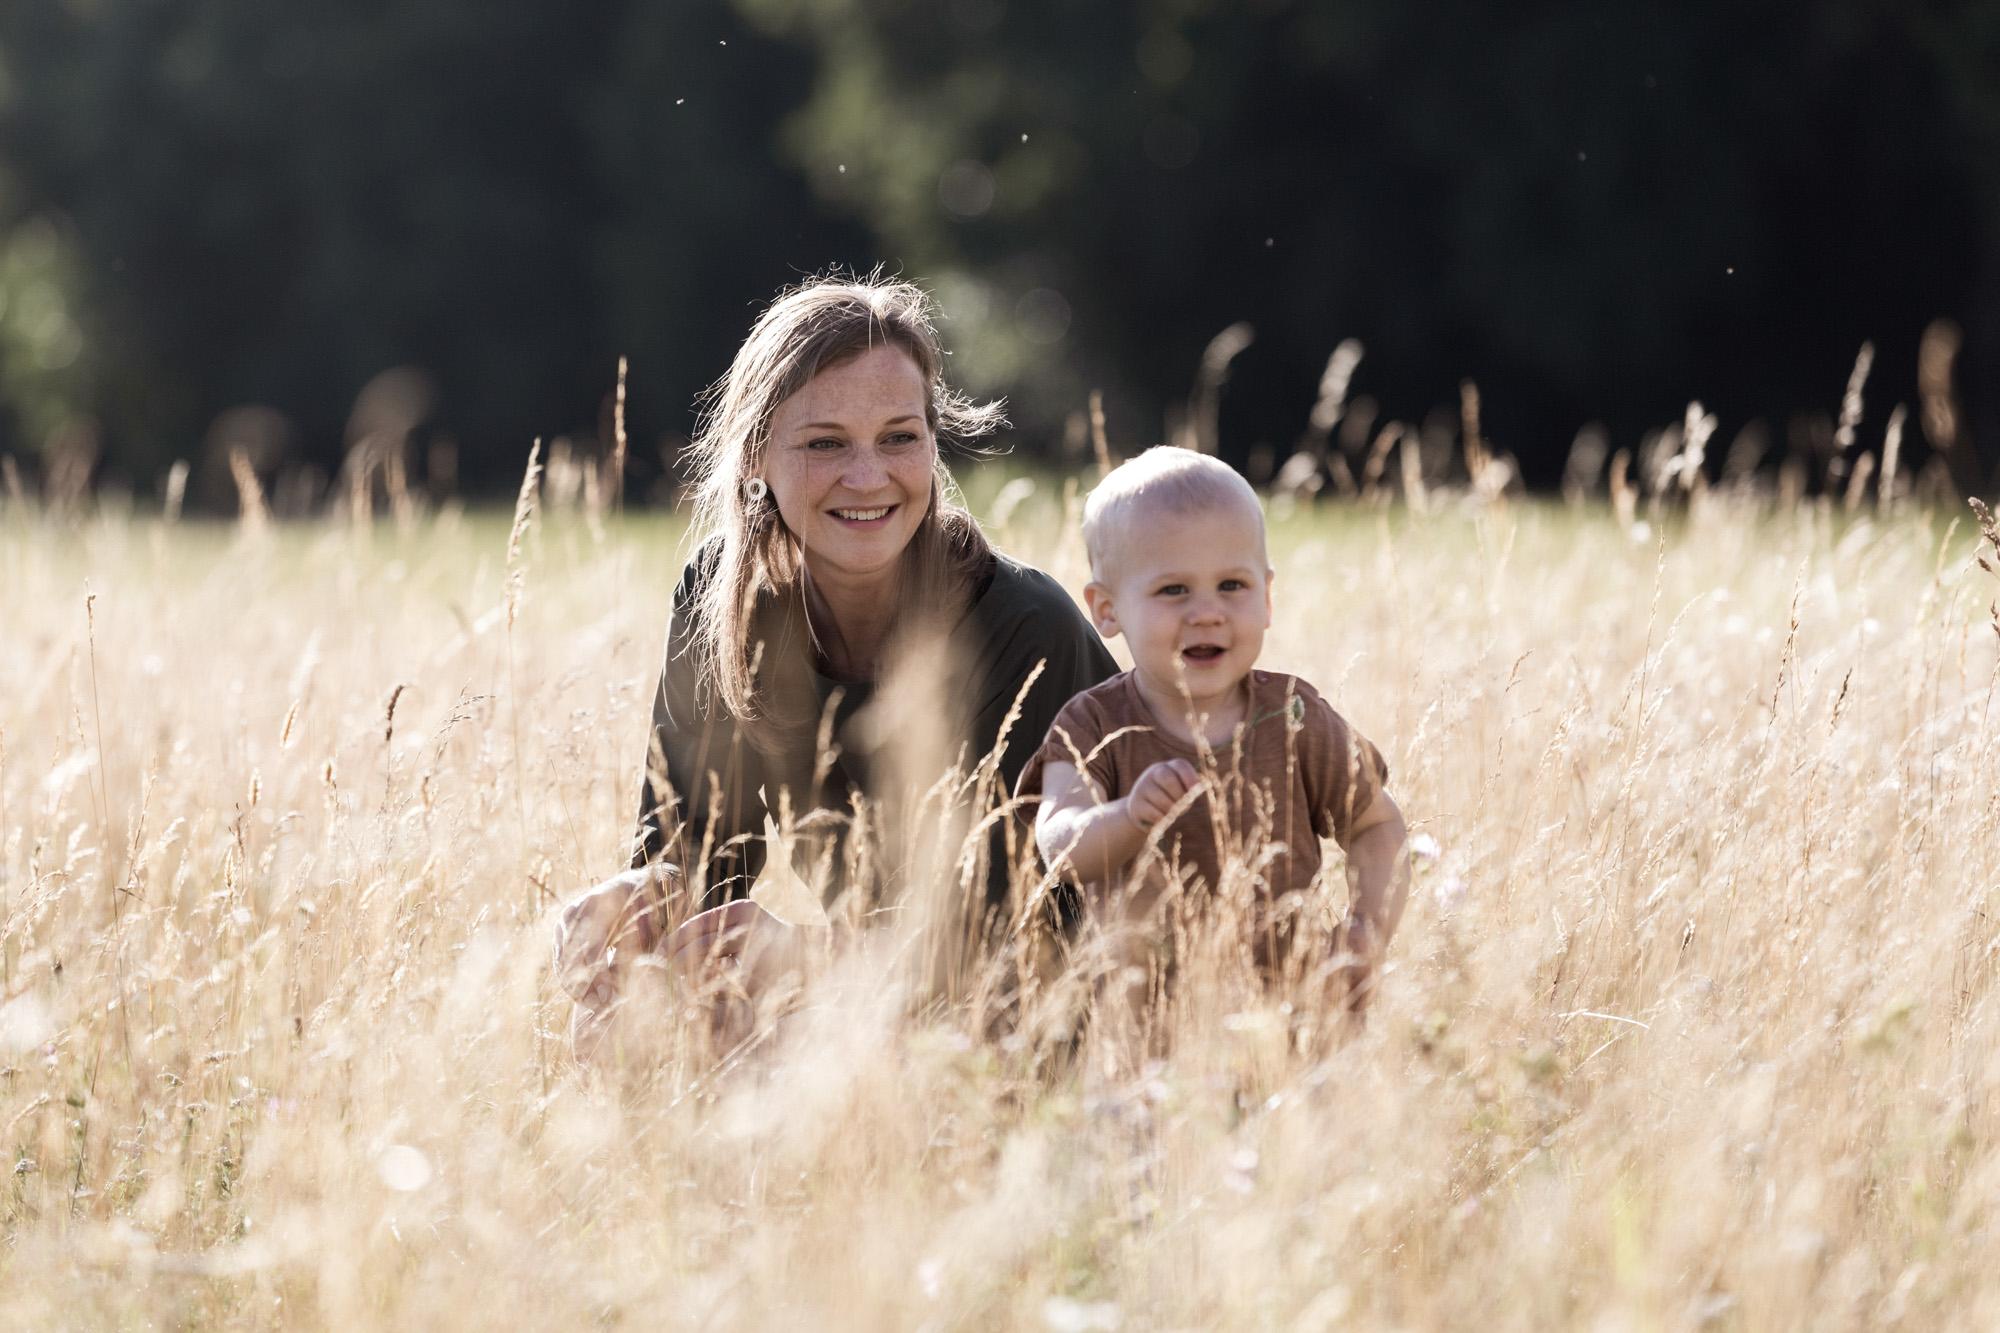 Familienreportage - ungestellte Familienbilder - Die Mama mit ihrem Sohn auf der Wiese